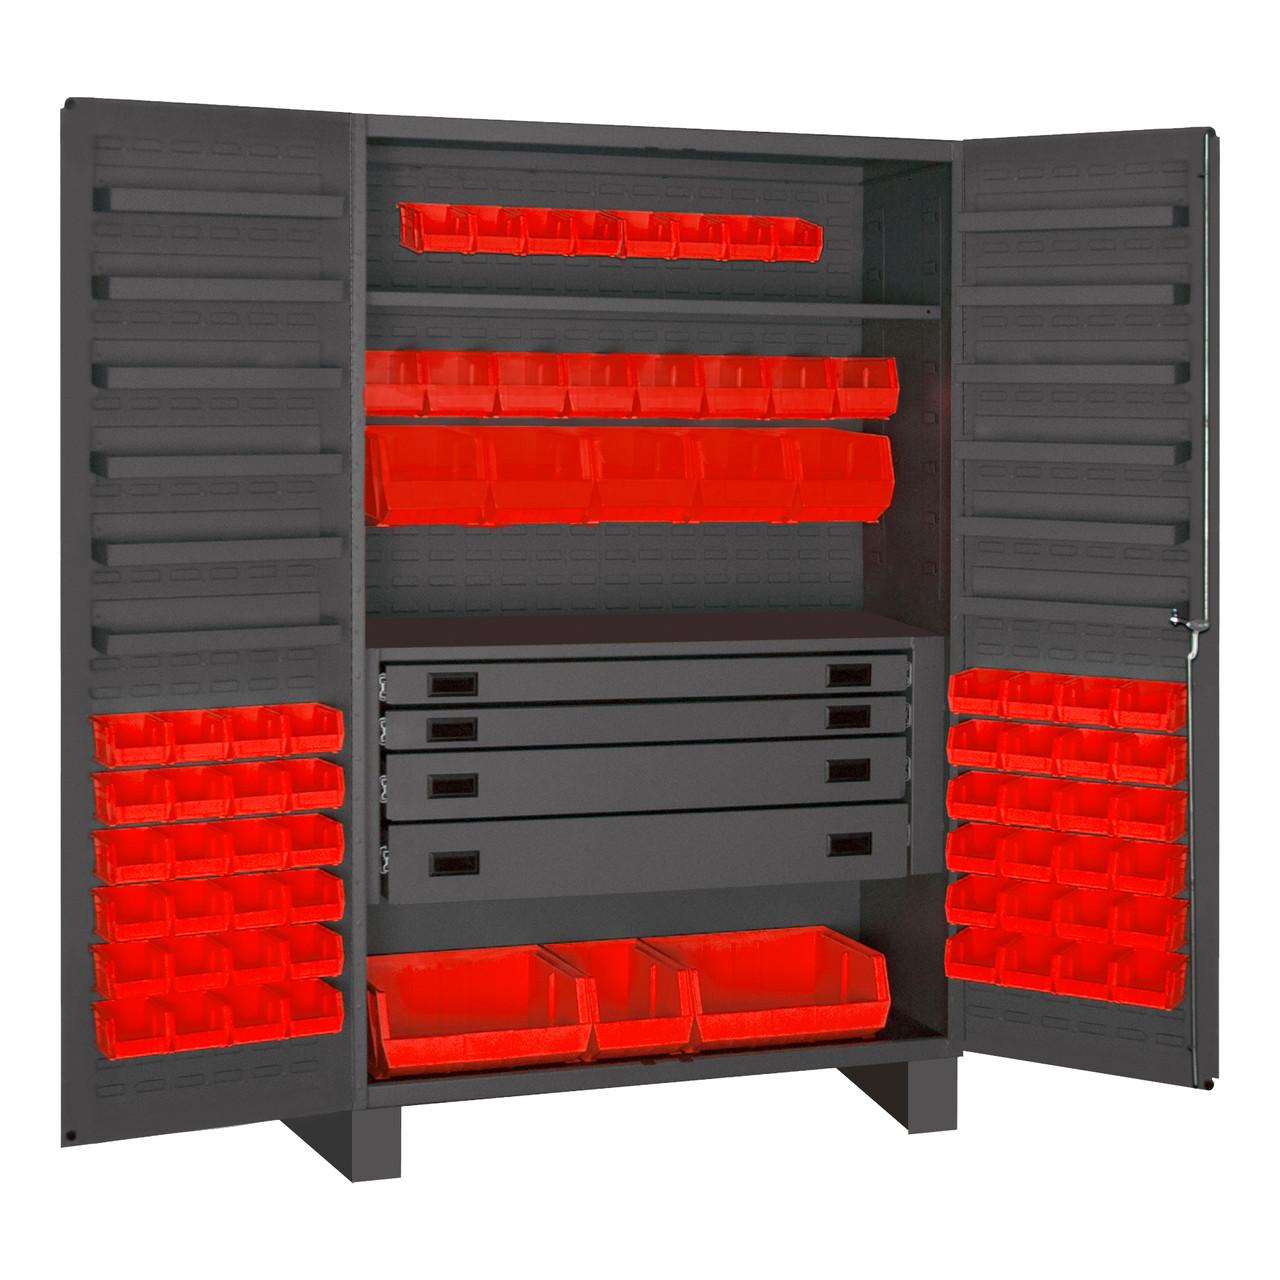 Original Durham Cabinet, 14 Gauge, 4 Drawer, 12 Door Shelves, 69 Red Bins , 48 x 24 x 78